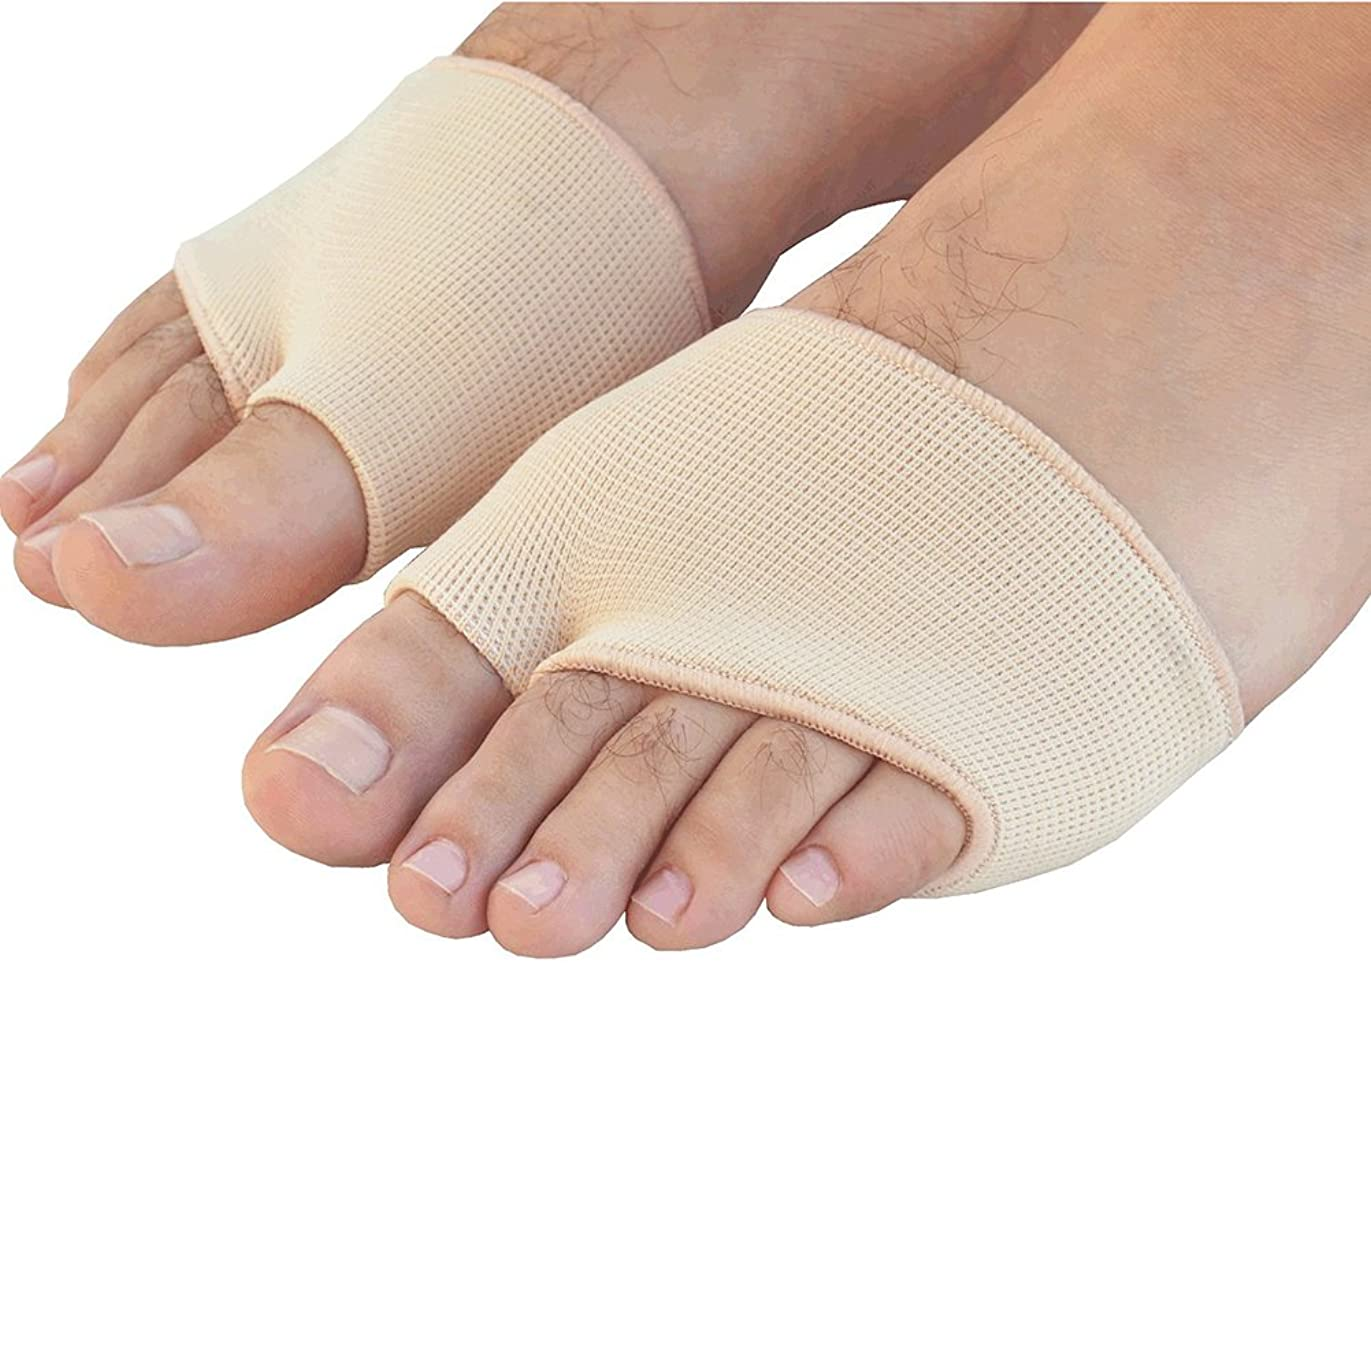 タイプライター準備ができて和解するROSENICE ゲル前足中足骨の痛み救済吸収クッション パッド 足底筋膜炎インソール 衝撃吸収 サイズS(肌の色)